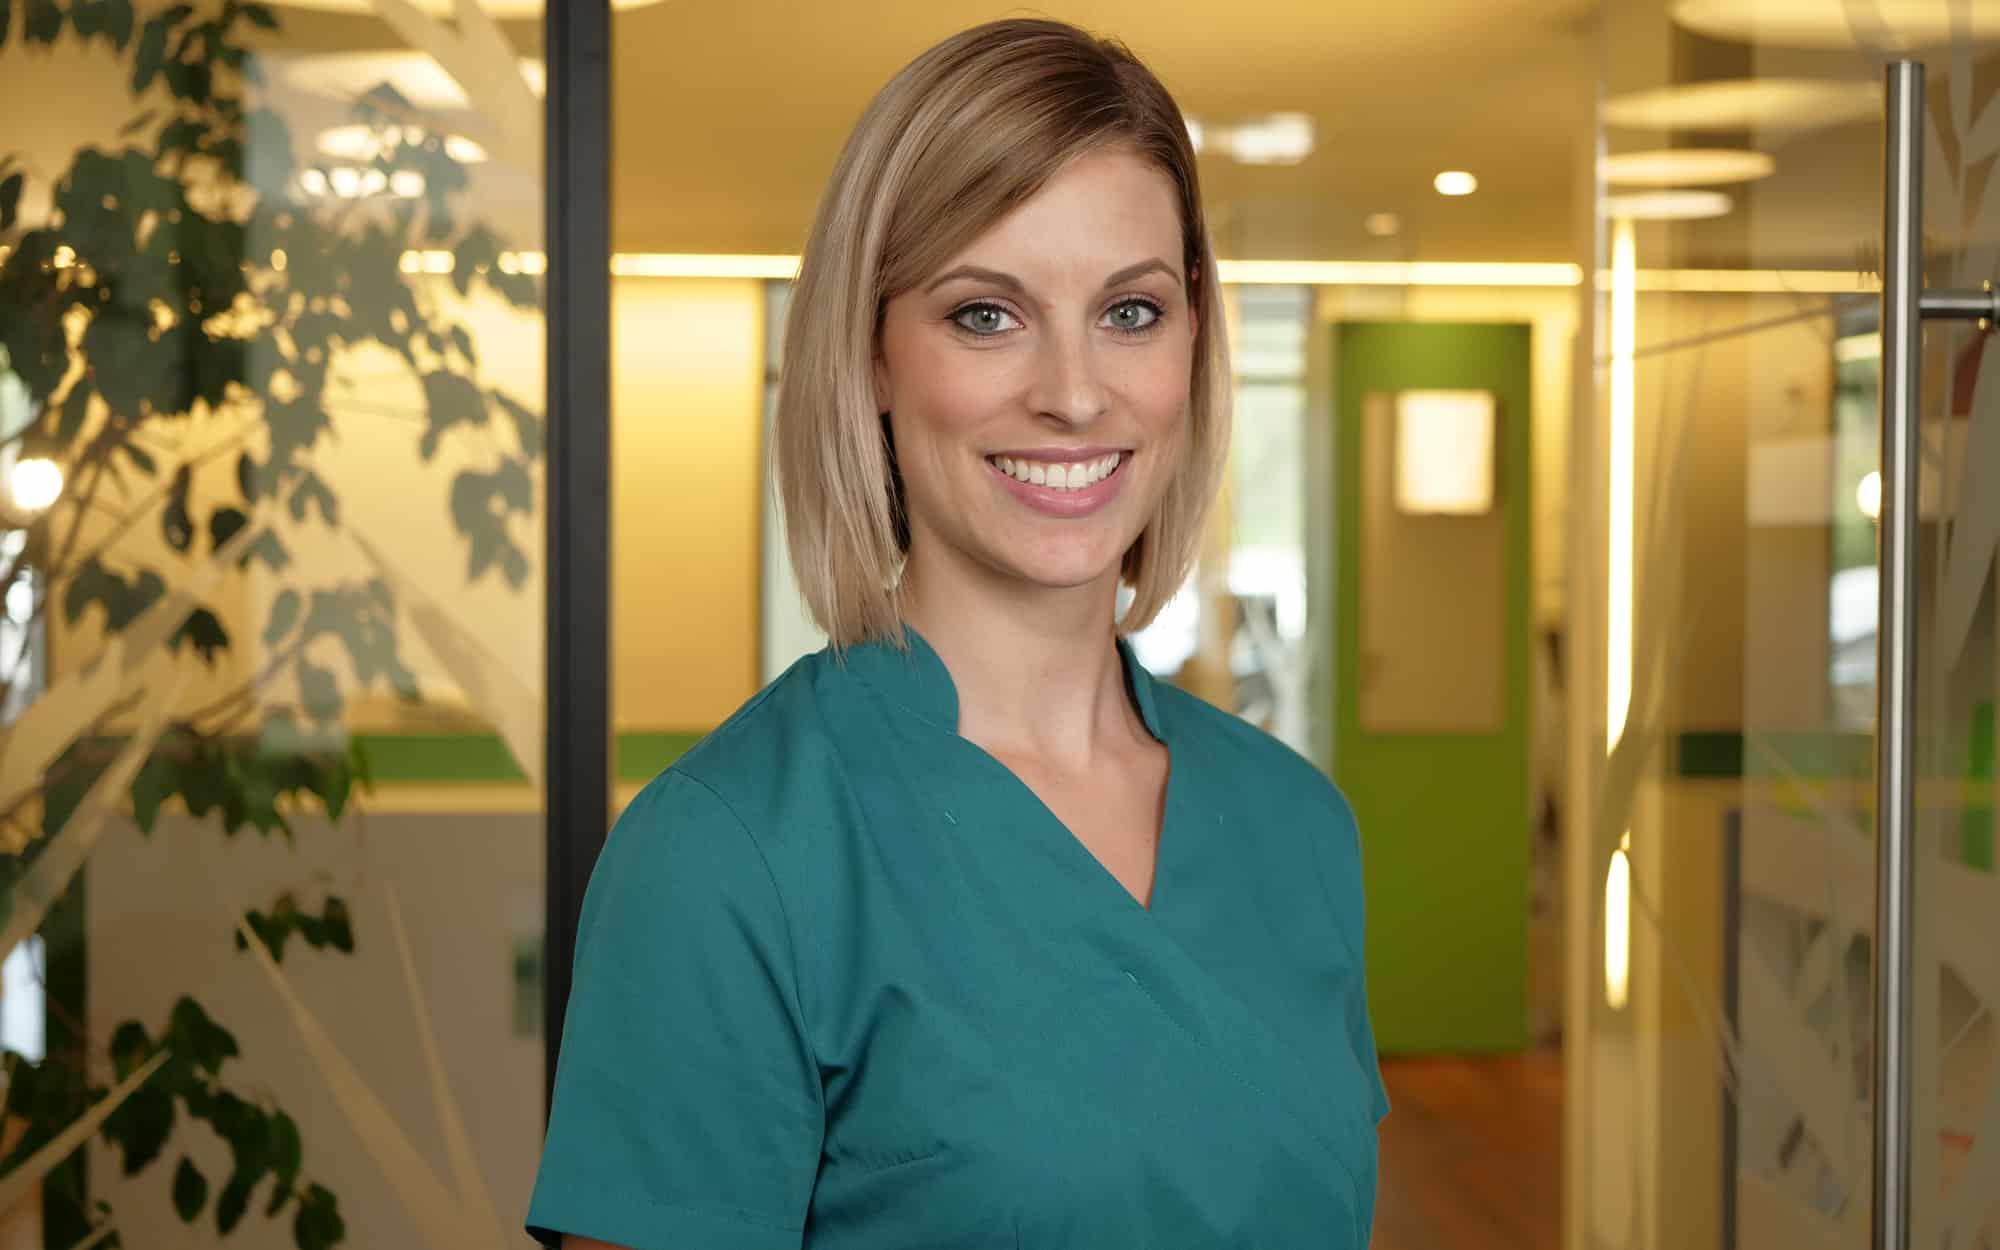 Nicole Rittel - Zahnmedizinische Fachangestellte und Patientenberaterin in der Zahnarztpraxis Dr. Wolfgang Gottwald in Koblenz